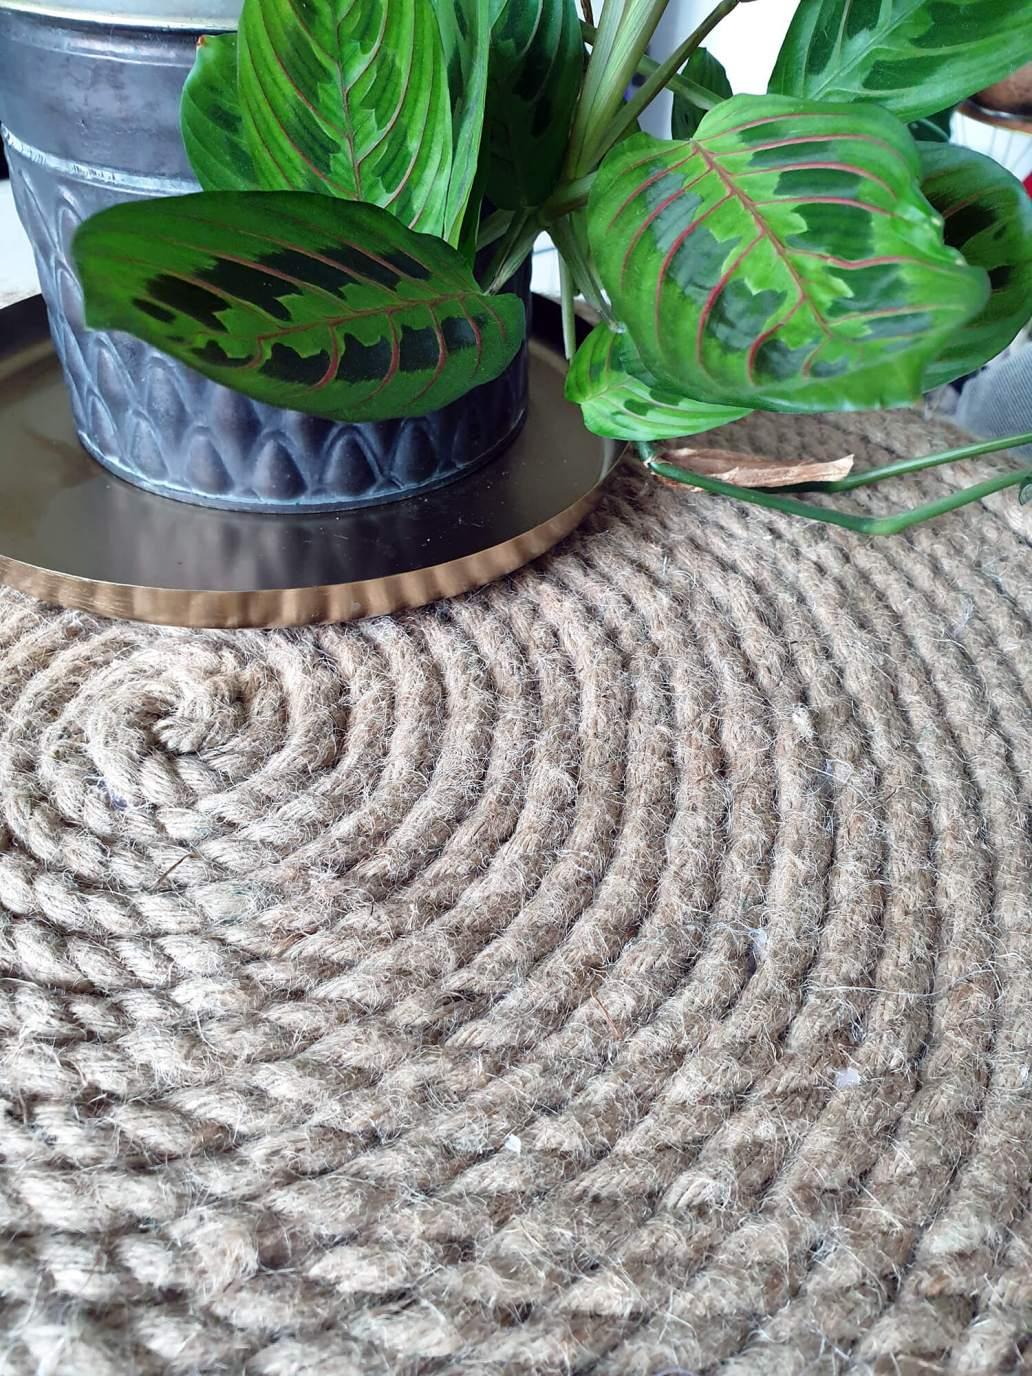 20200930 173614 - DIY Récup : fabriquer une table basse avec un pneu